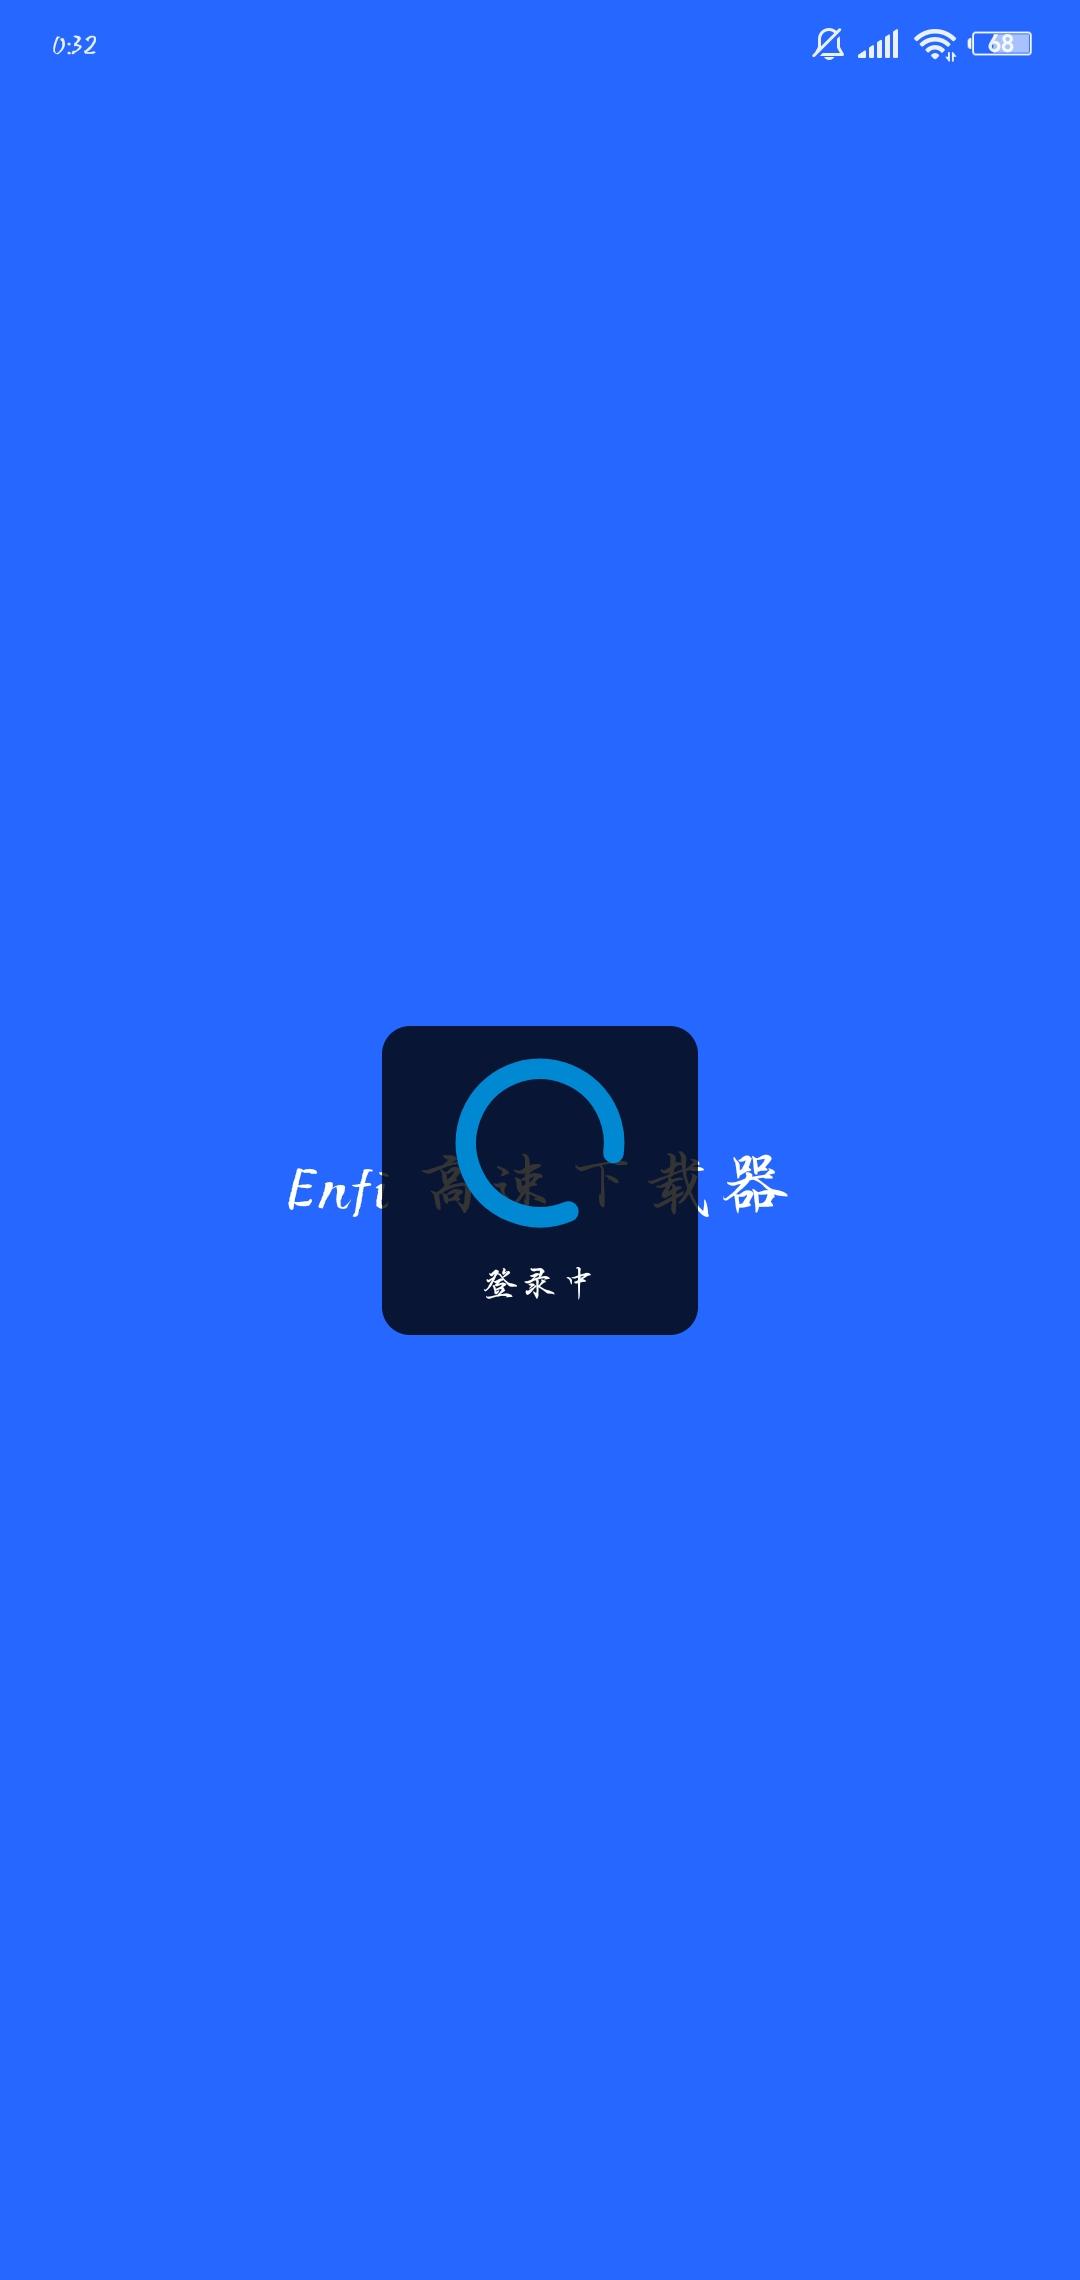 【资源分享】ENFl  1.5.1最新破解版